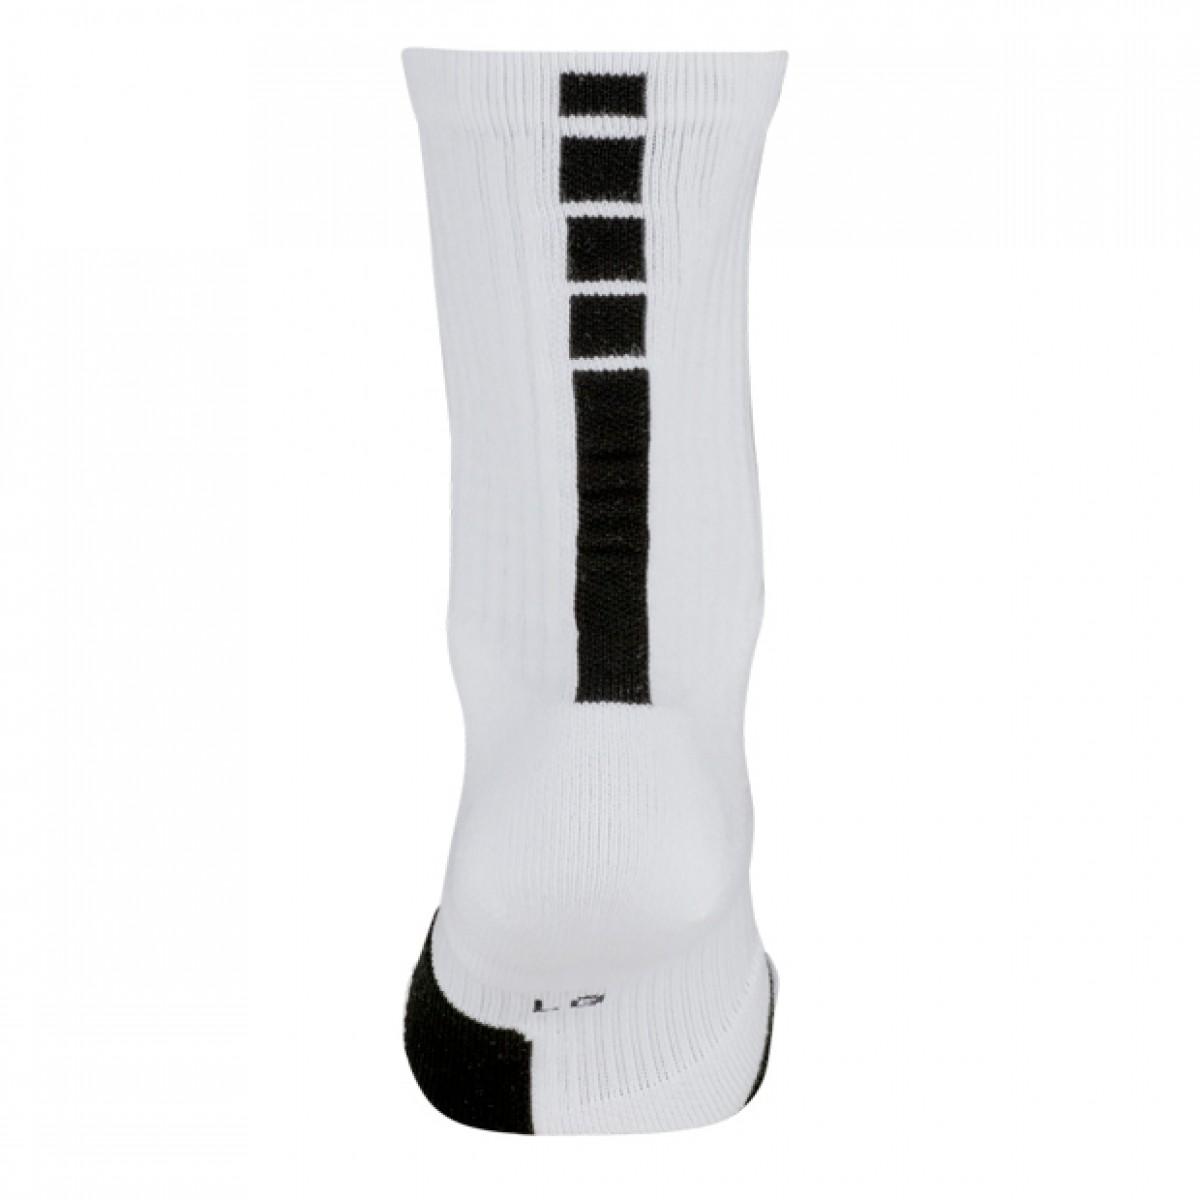 Nike Elite Crew 'White' SX7622-100